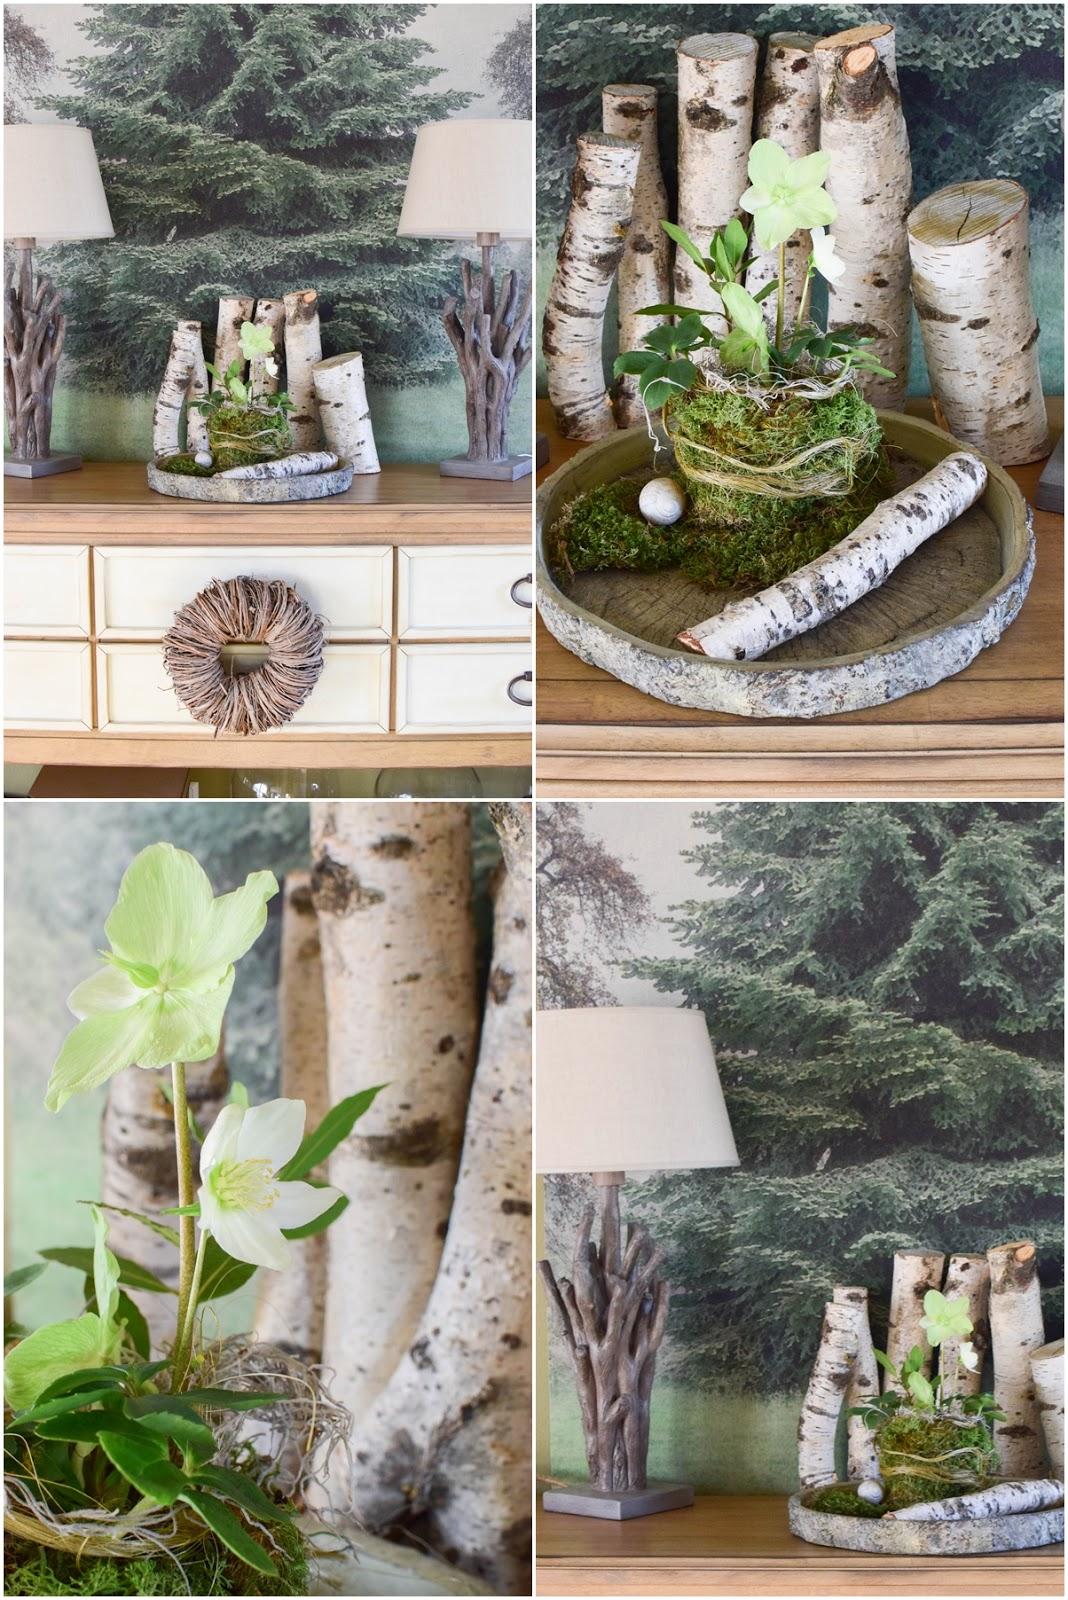 DIY Moos Übertopf selbermachen. Frühling Deko Dekoration mit Christrose, Moos und Birke. Deko mit Natur für Tisch, Sideboard und Konsole